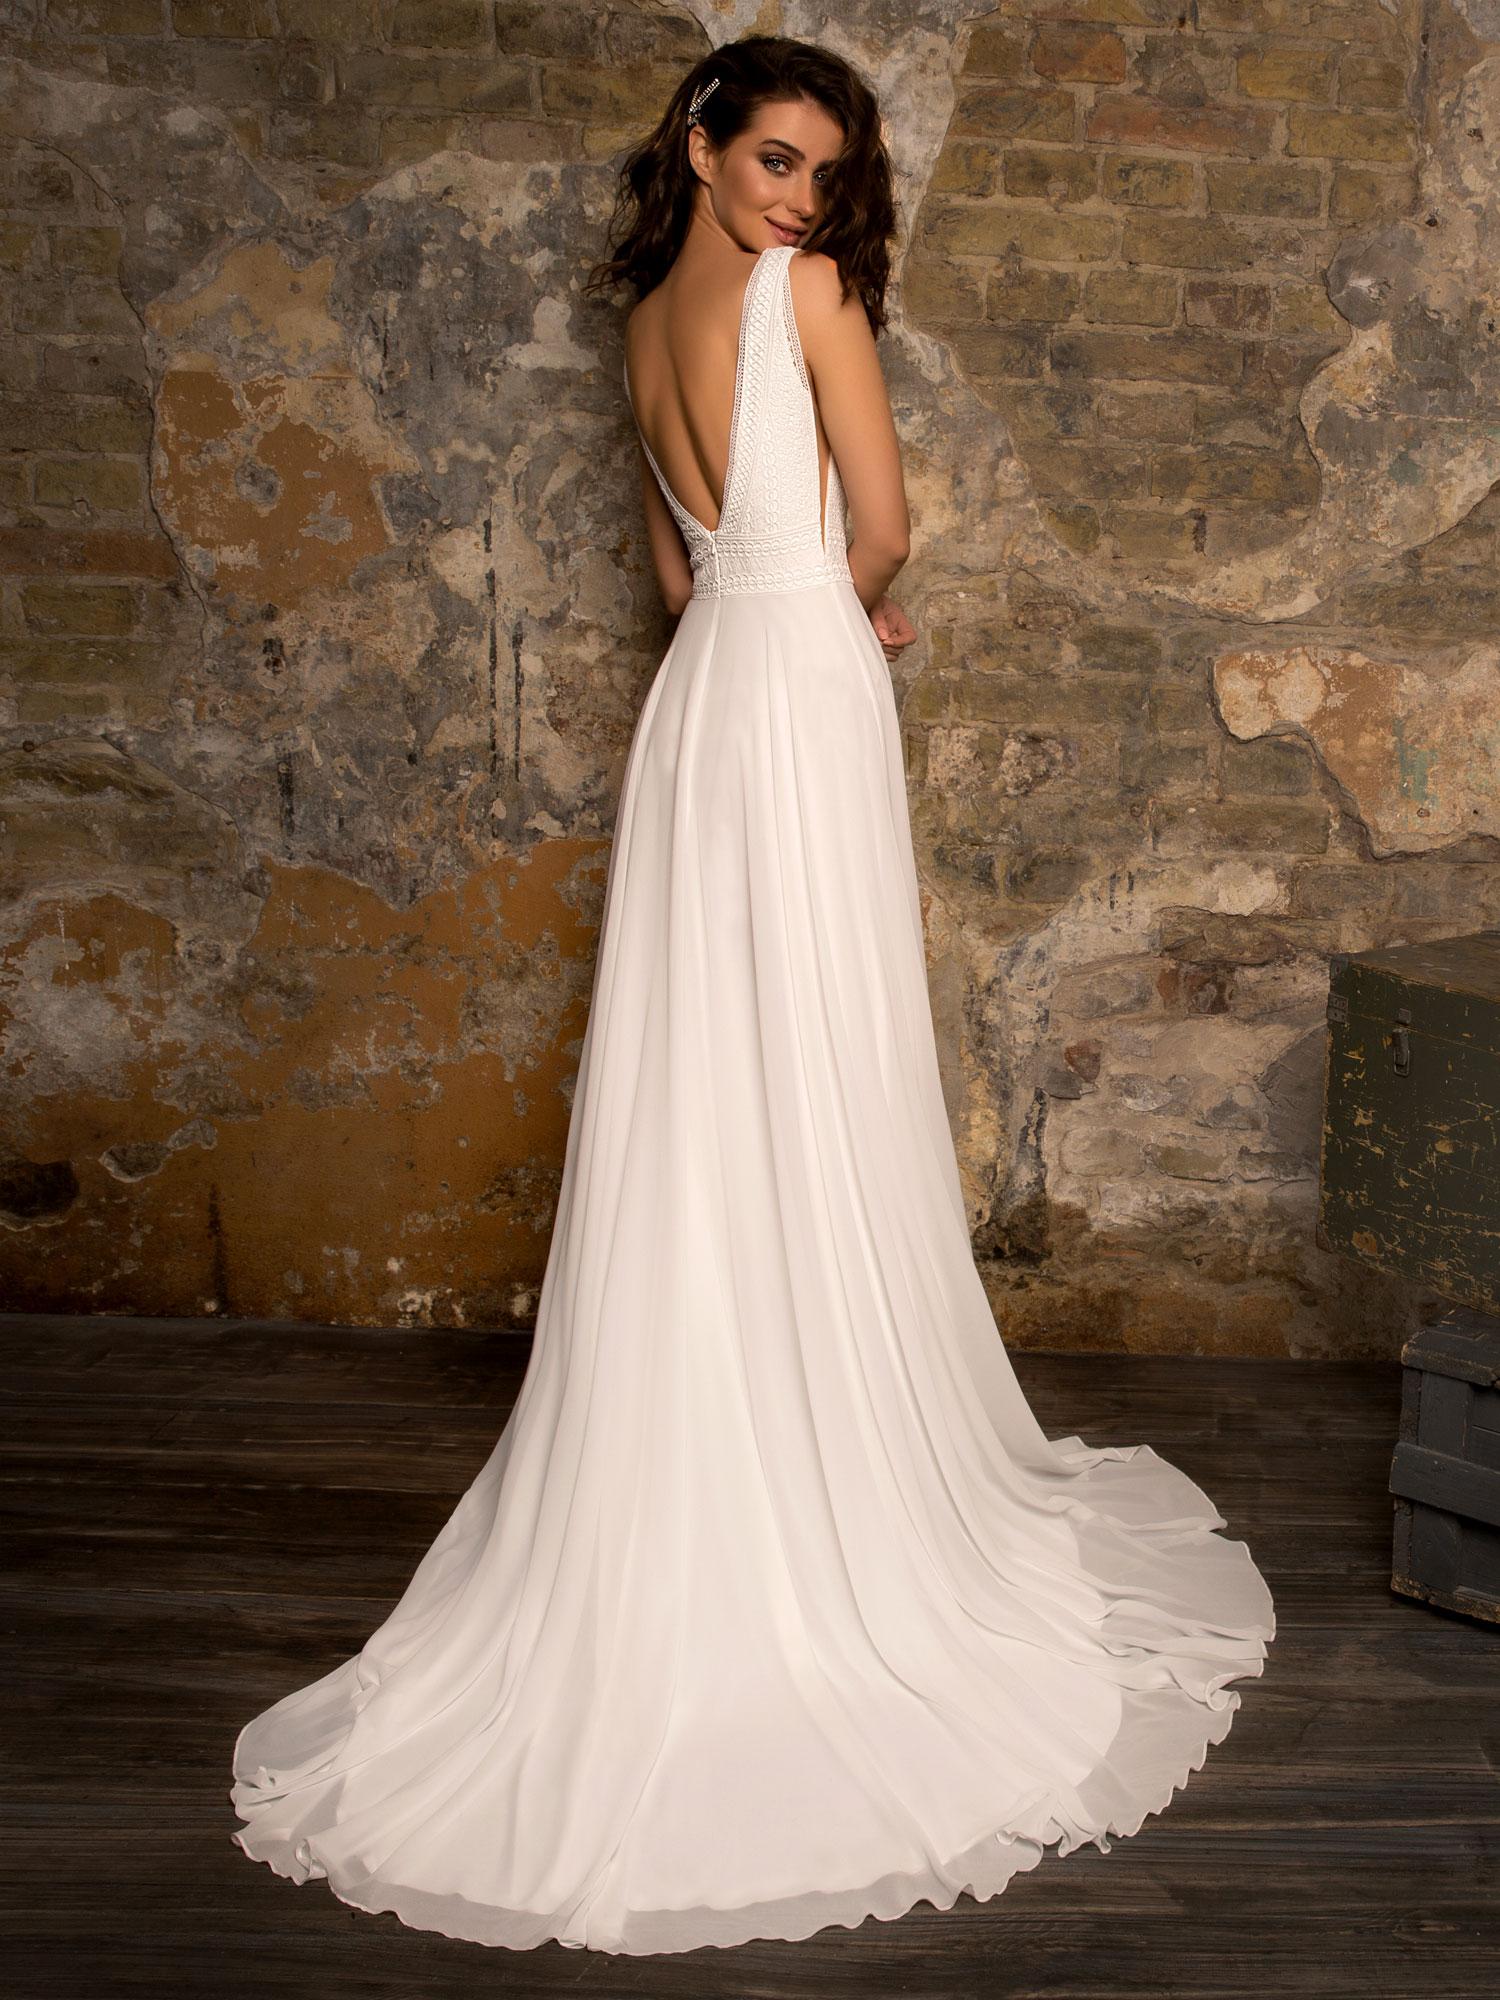 Robe de mariée fluide Reims chez White Boutik